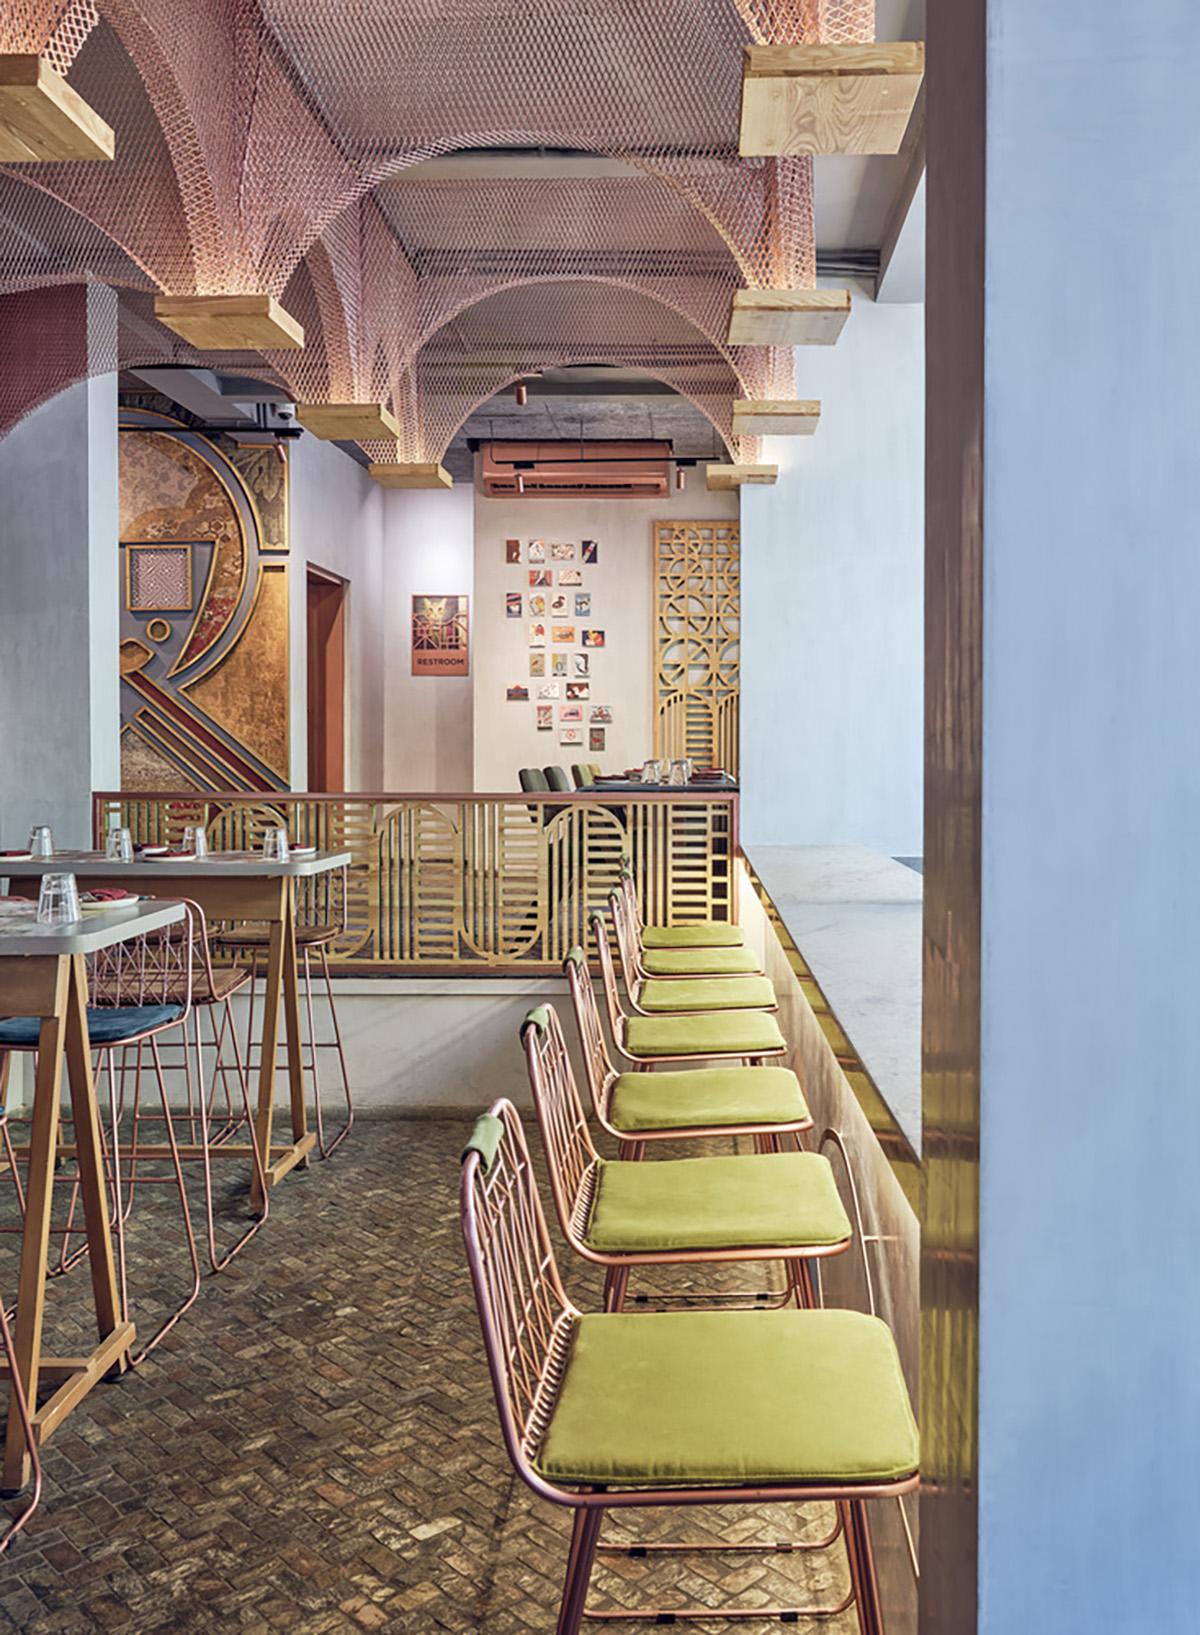 Kiến Việt - Nhà hàng Misu - Văn hóa Đông Tây hội tụ | FADD Studio